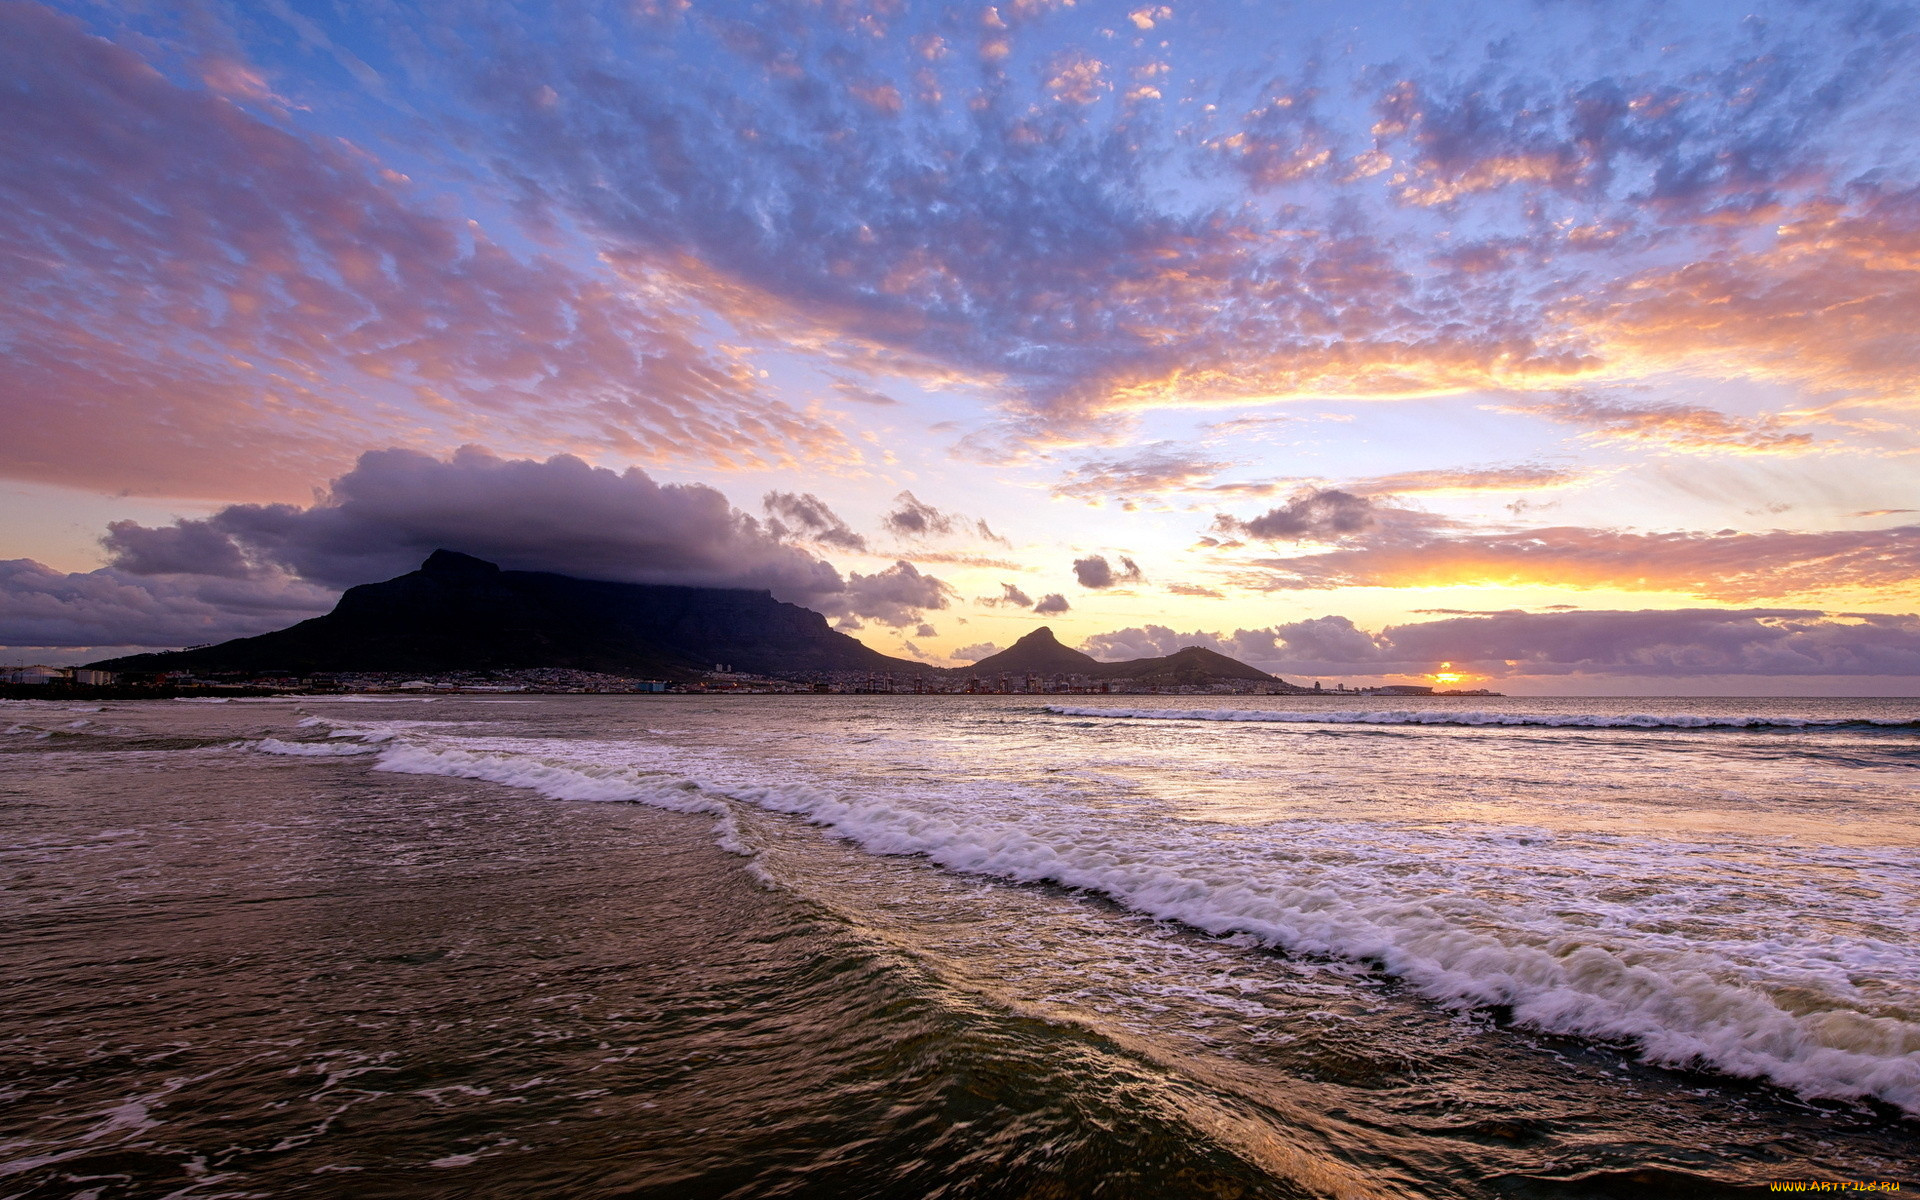 фото морского заката в высоком качестве для